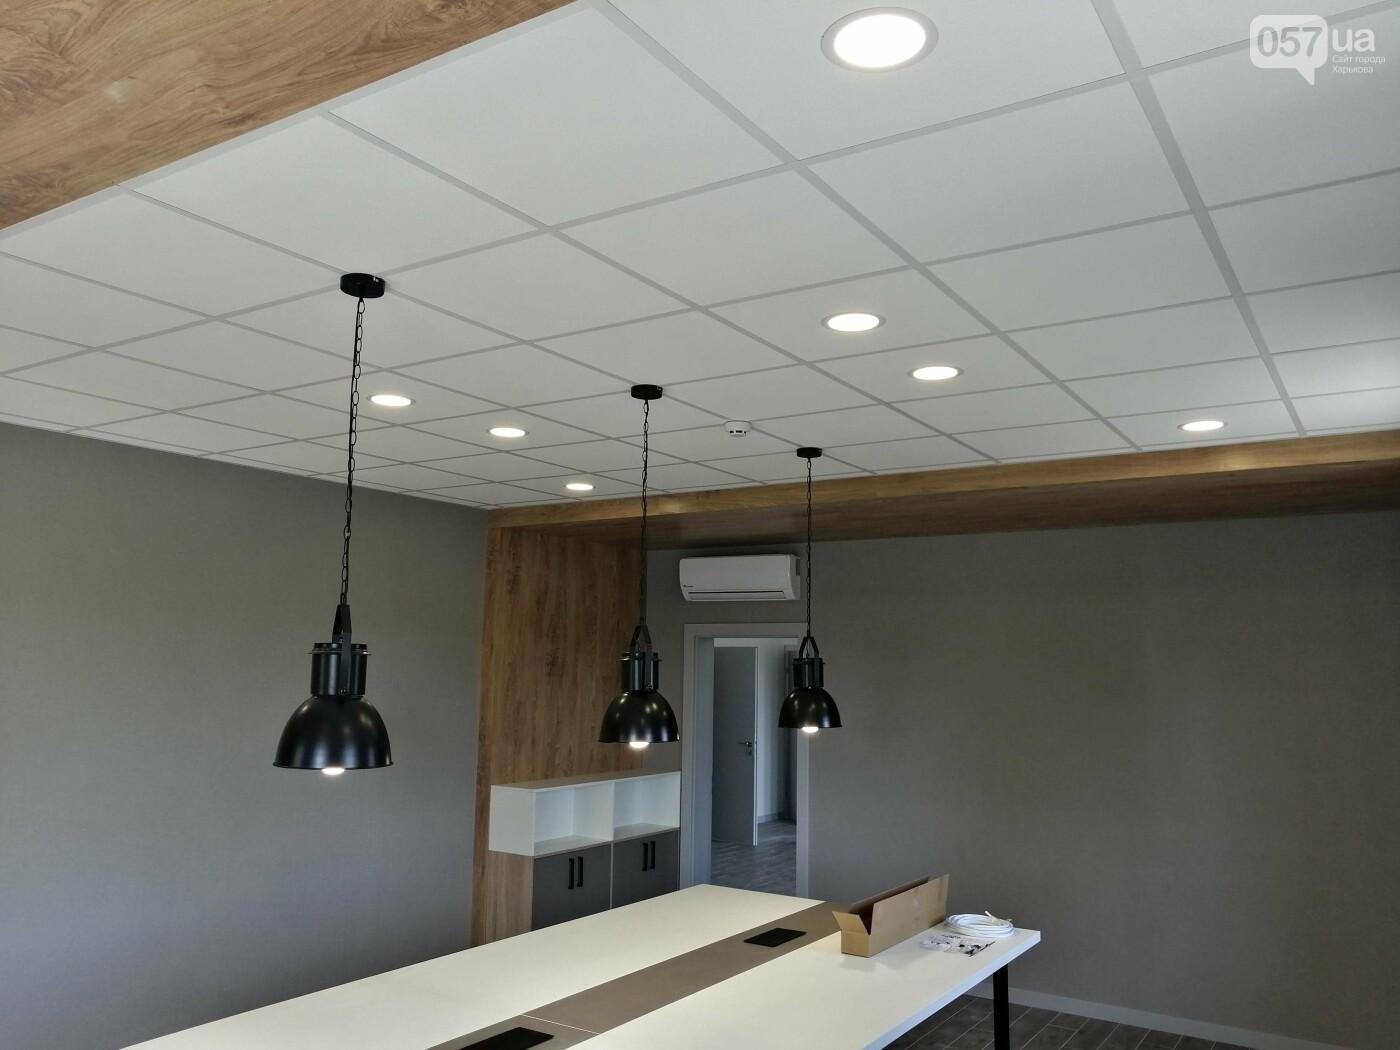 Подвесной потолок – идеальное решения для ремонта потолка, фото-1